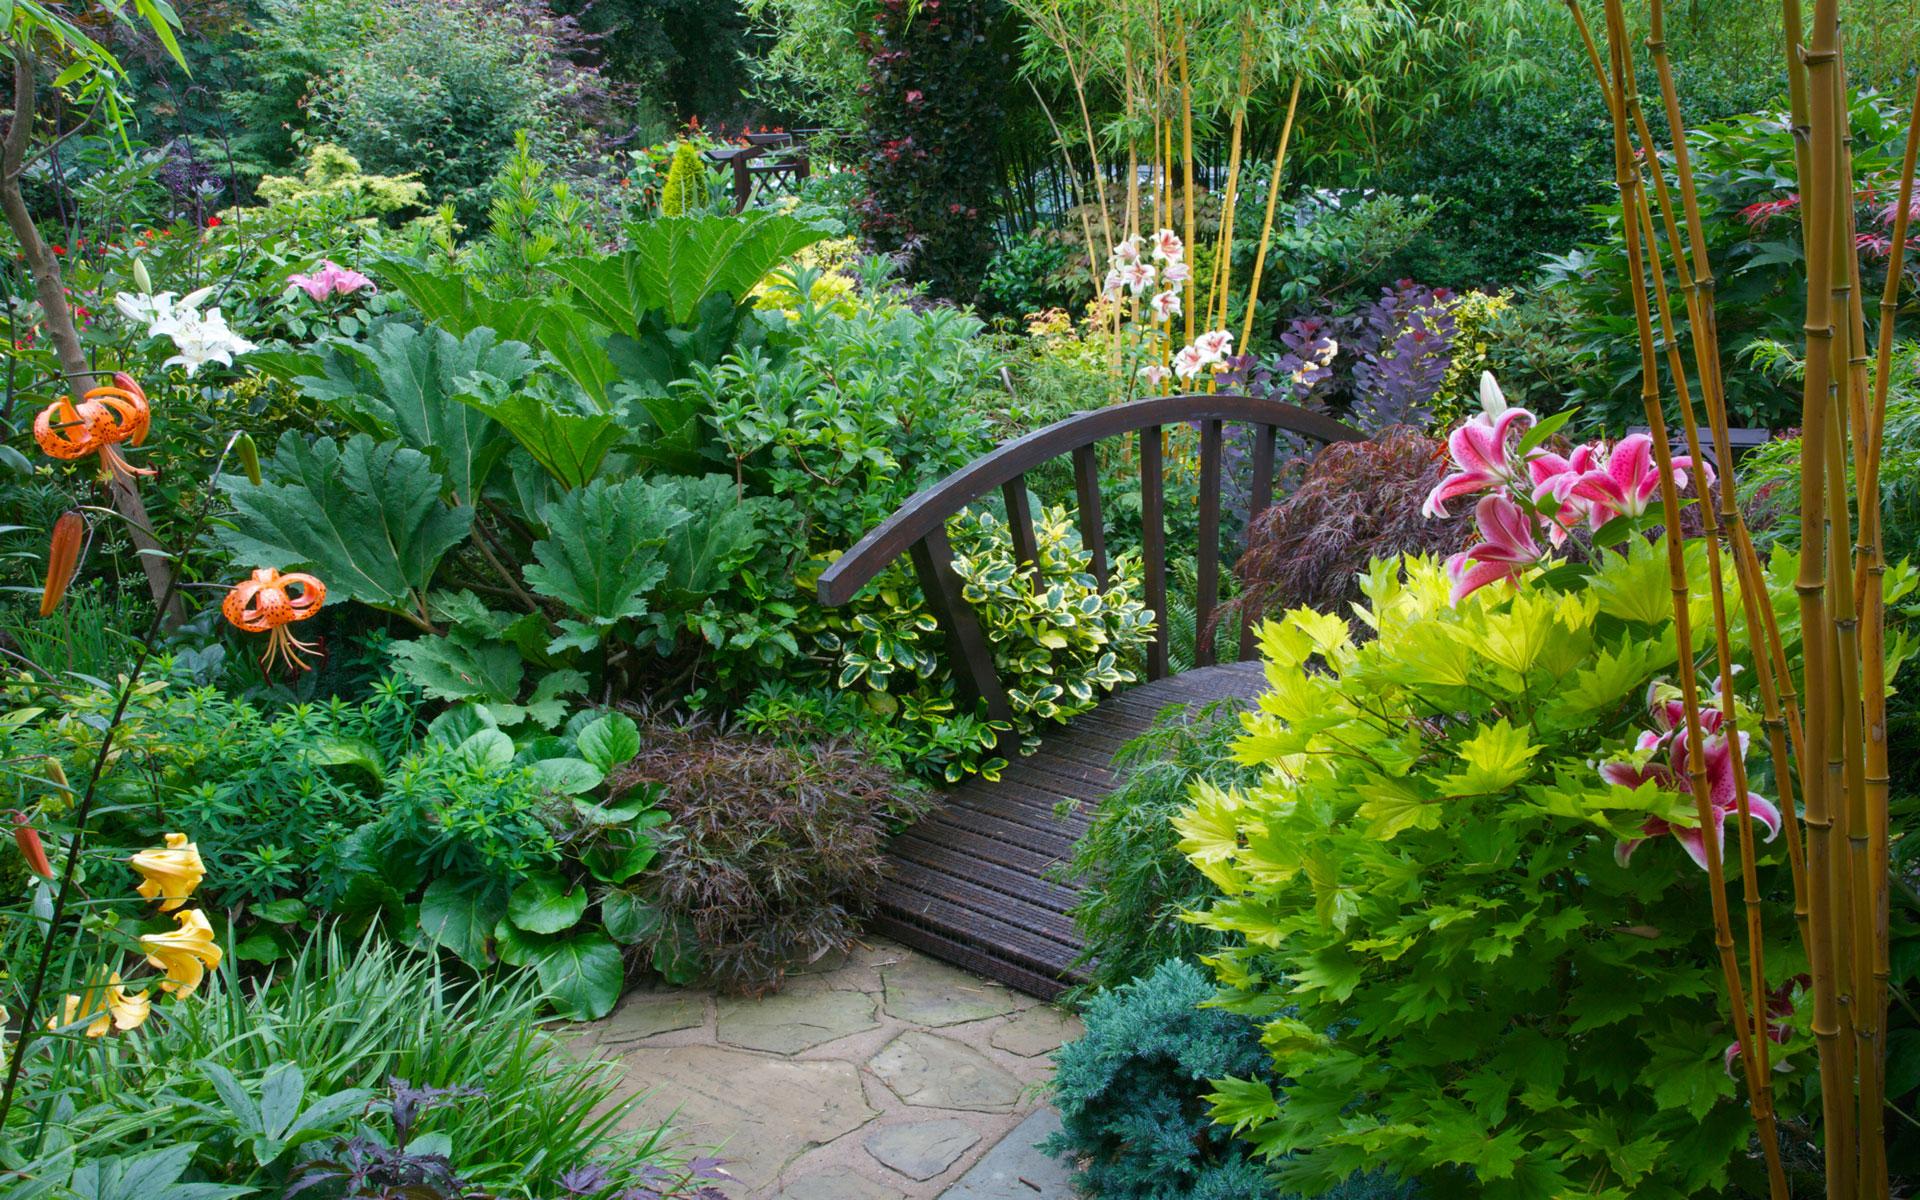 Garden fonds d 39 cran arri res plan 1920x1200 id 513035 for Jardin japonais fond d ecran